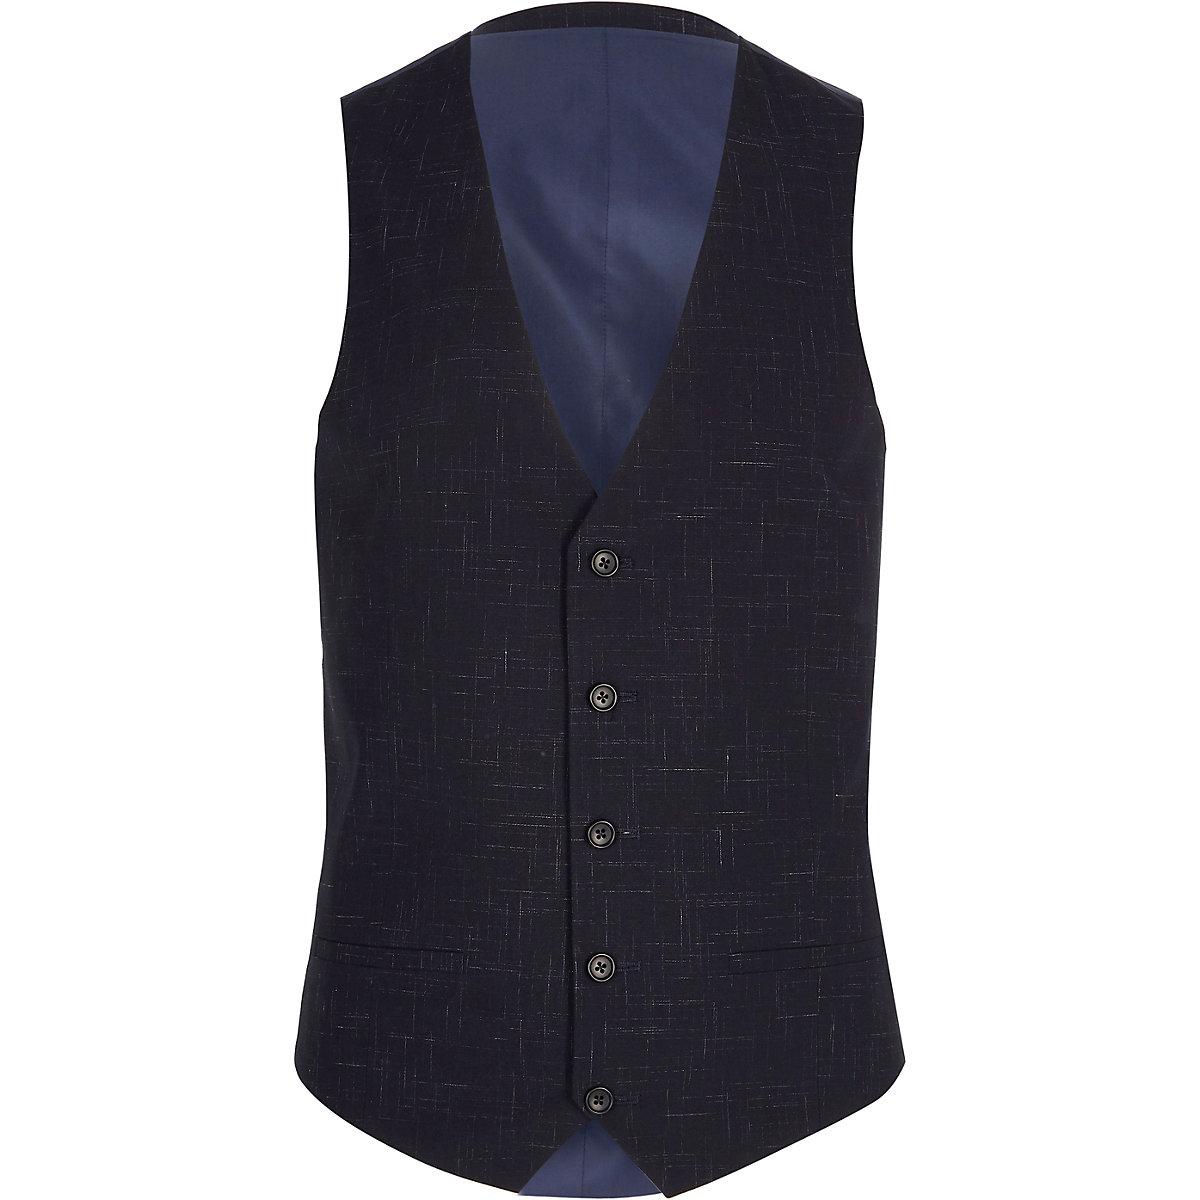 Navy suit vest